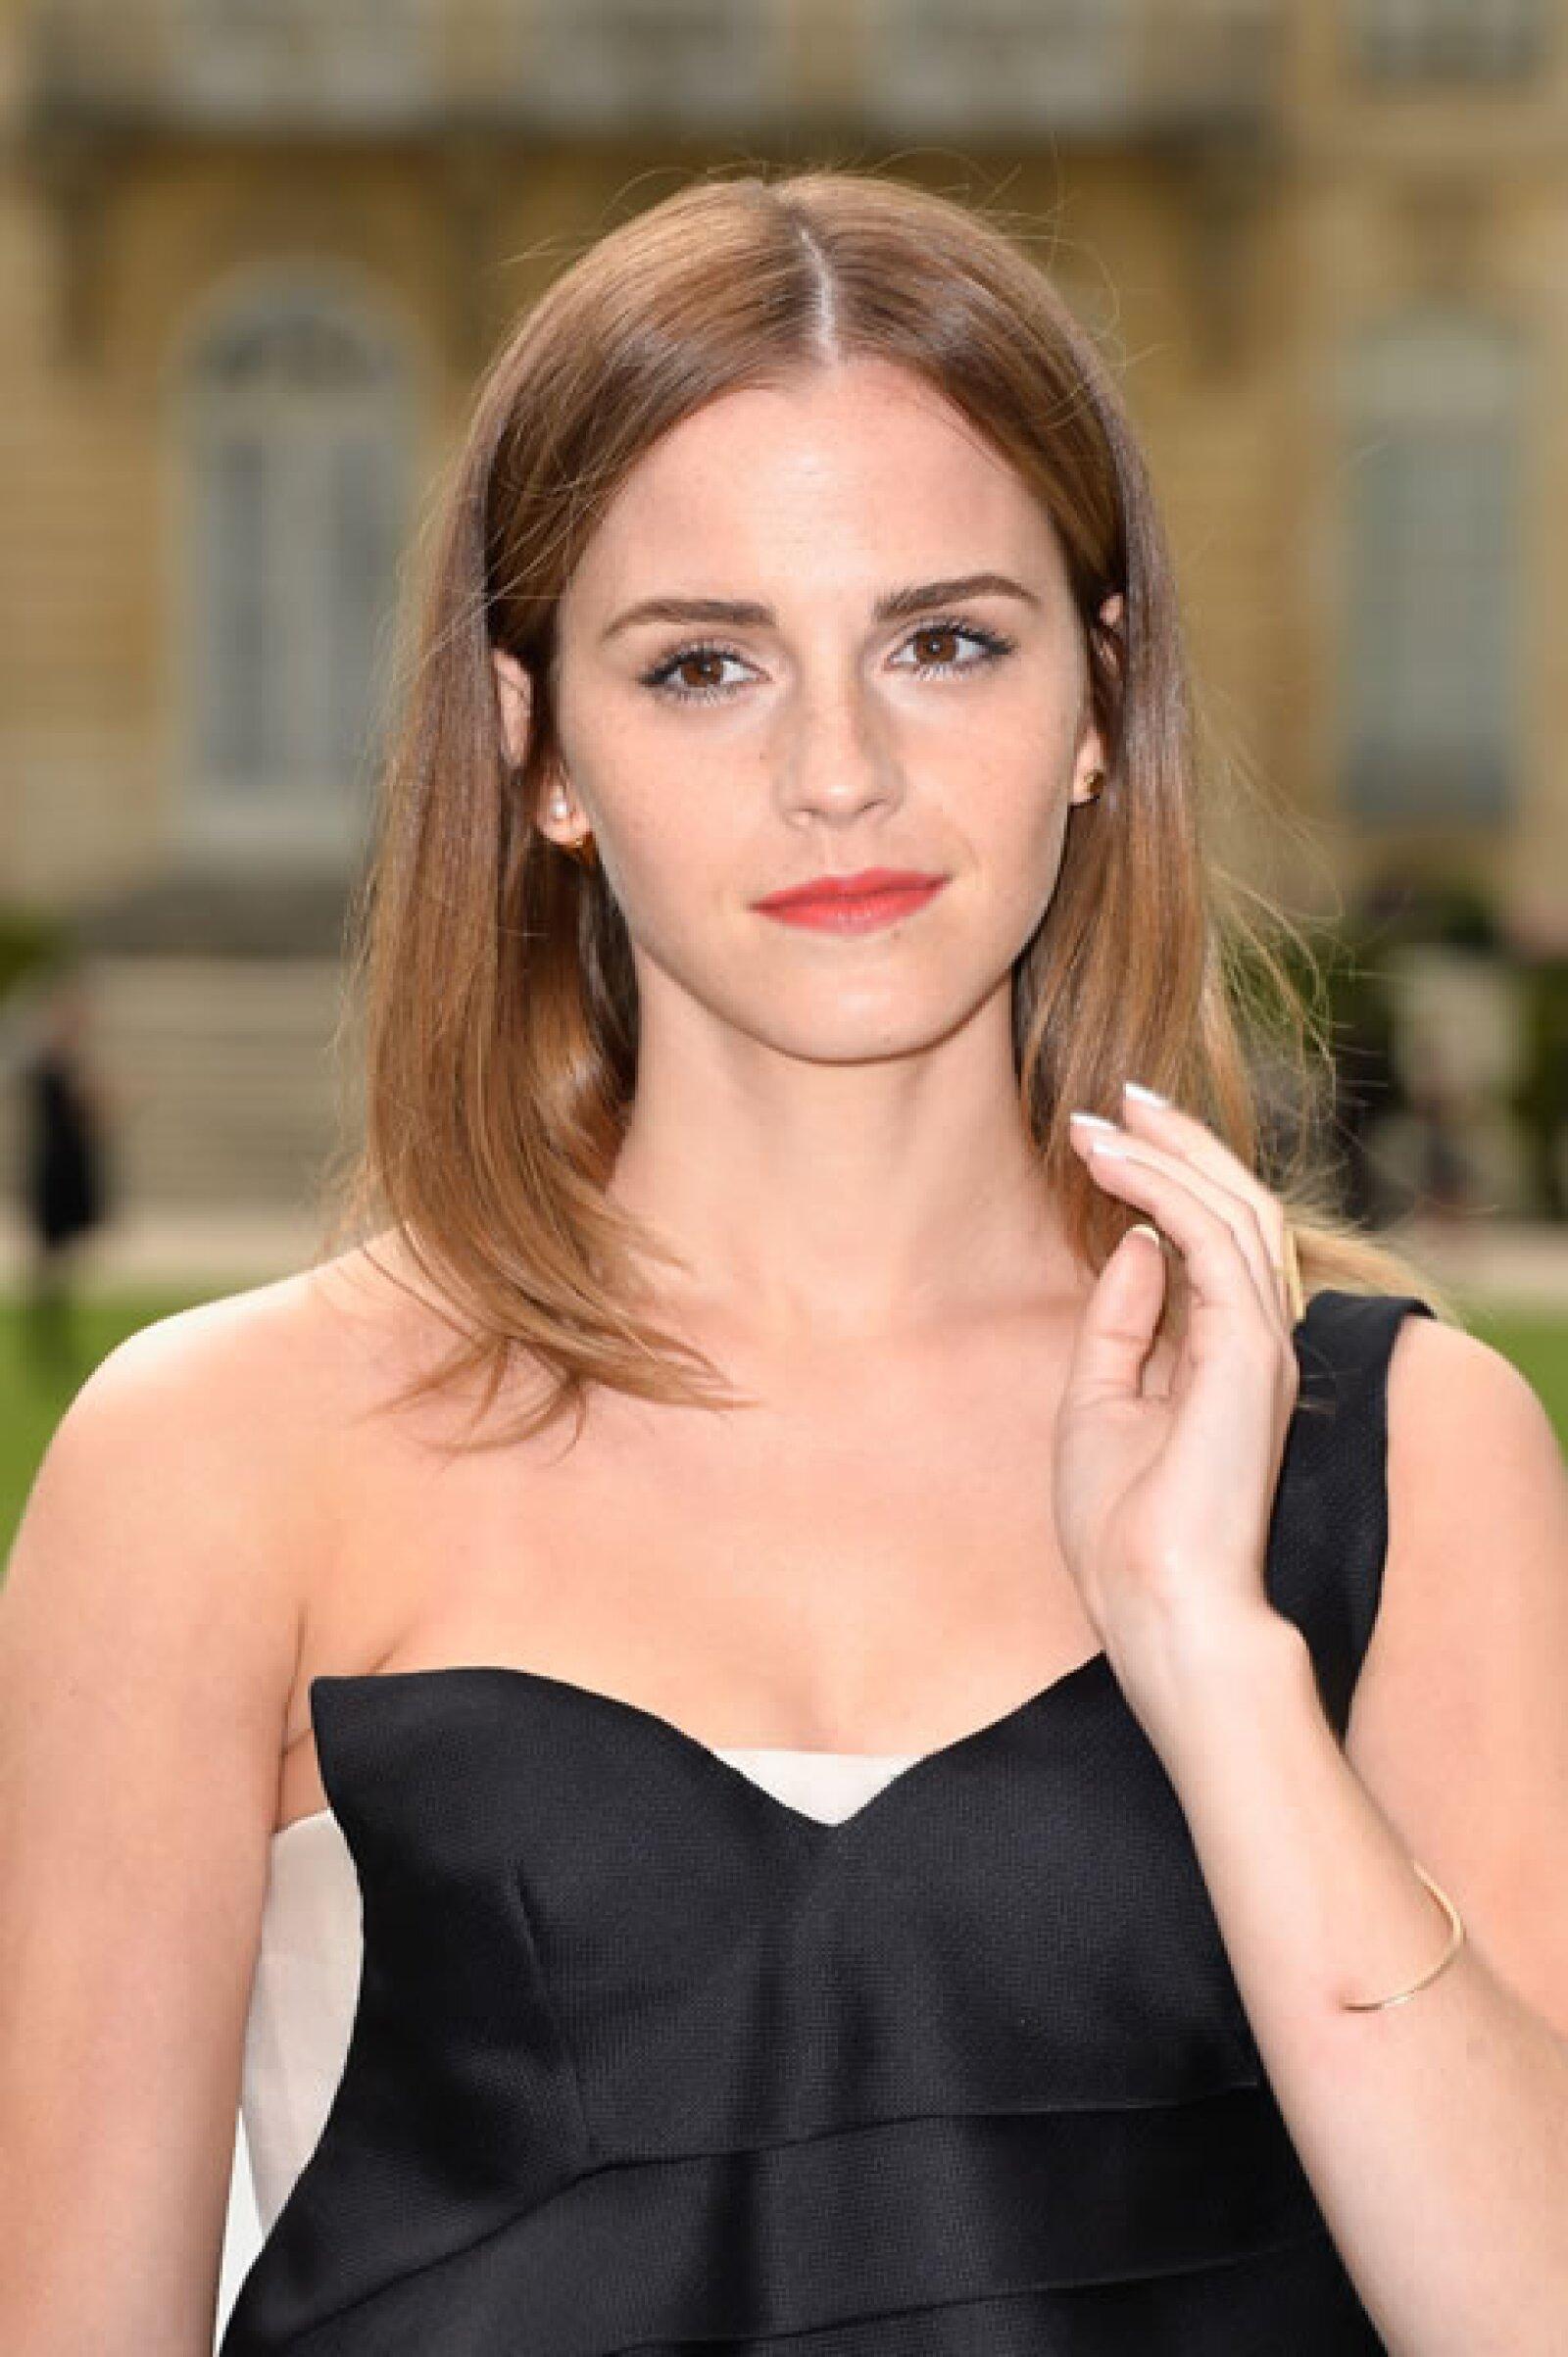 Durante Paris Fashion Week 2014 durante la presentación de la colección de Dior.